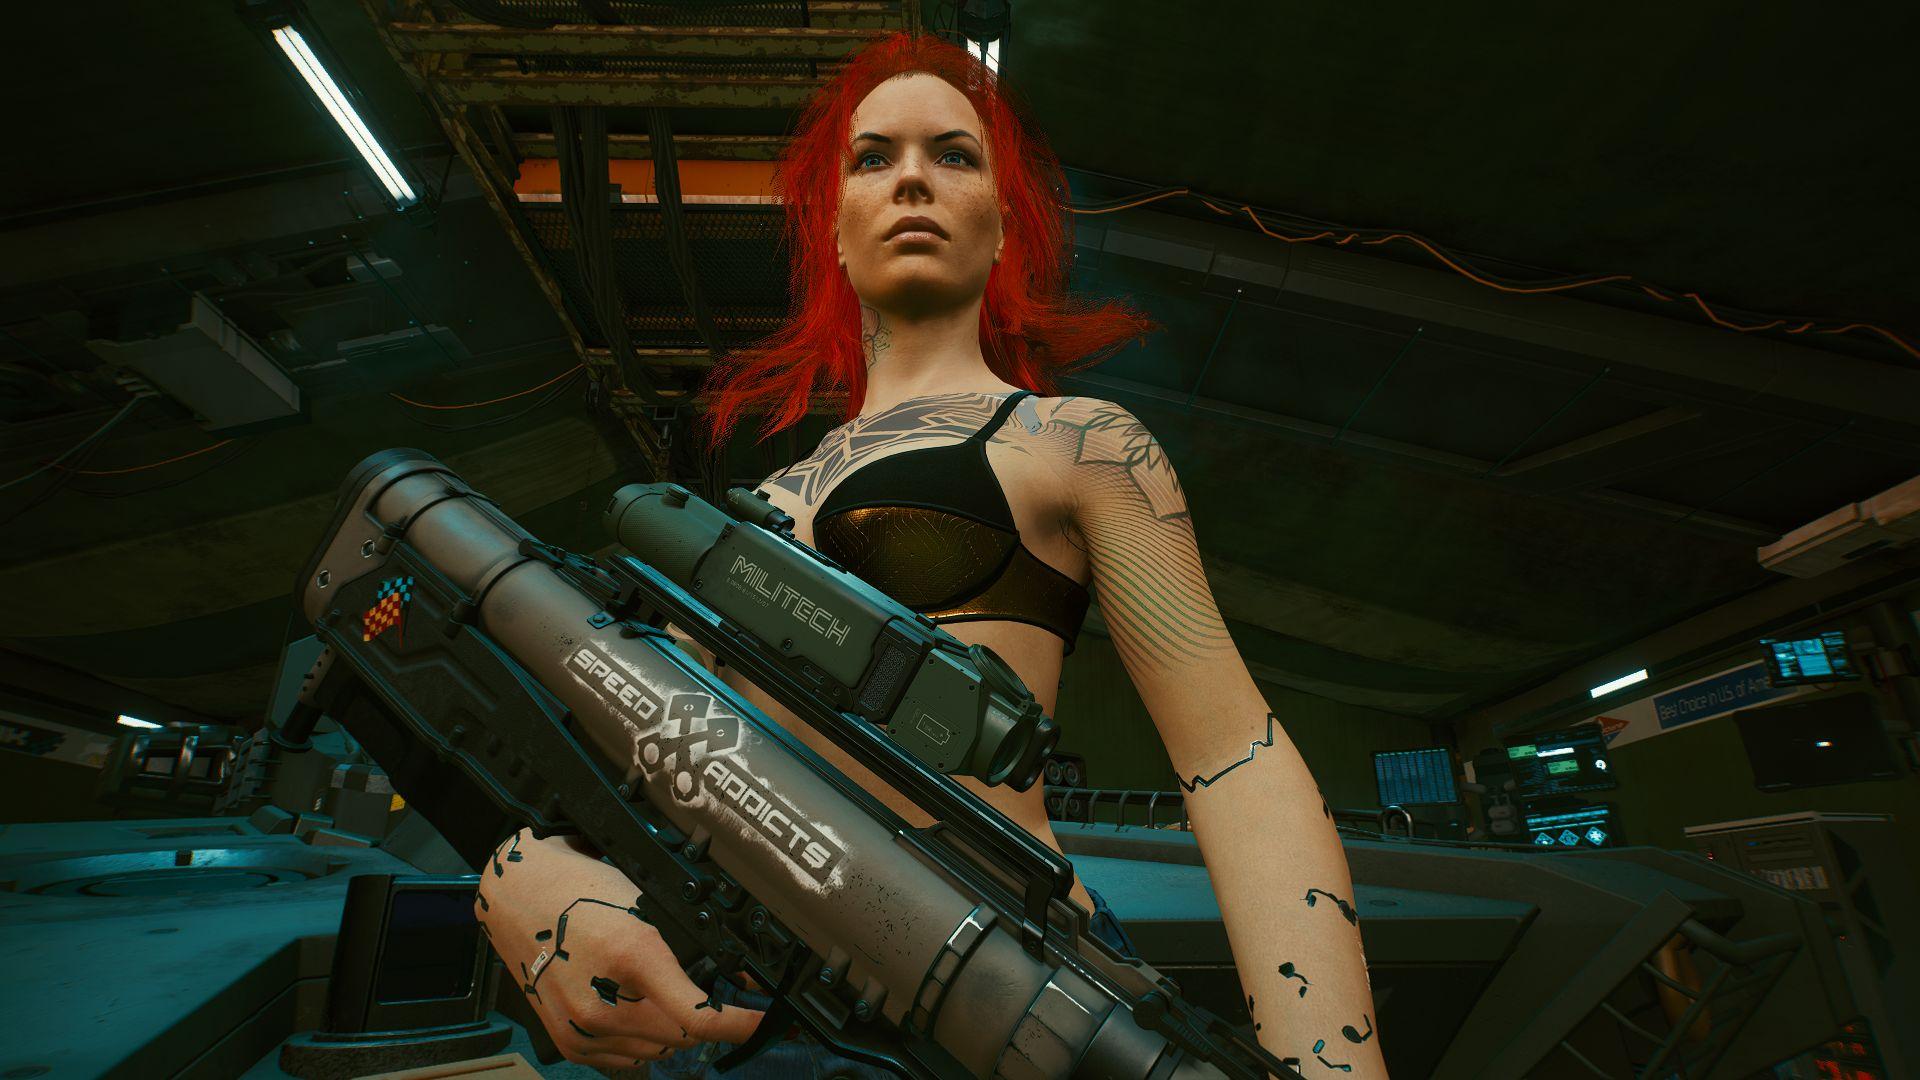 000250.Jpg - Cyberpunk 2077